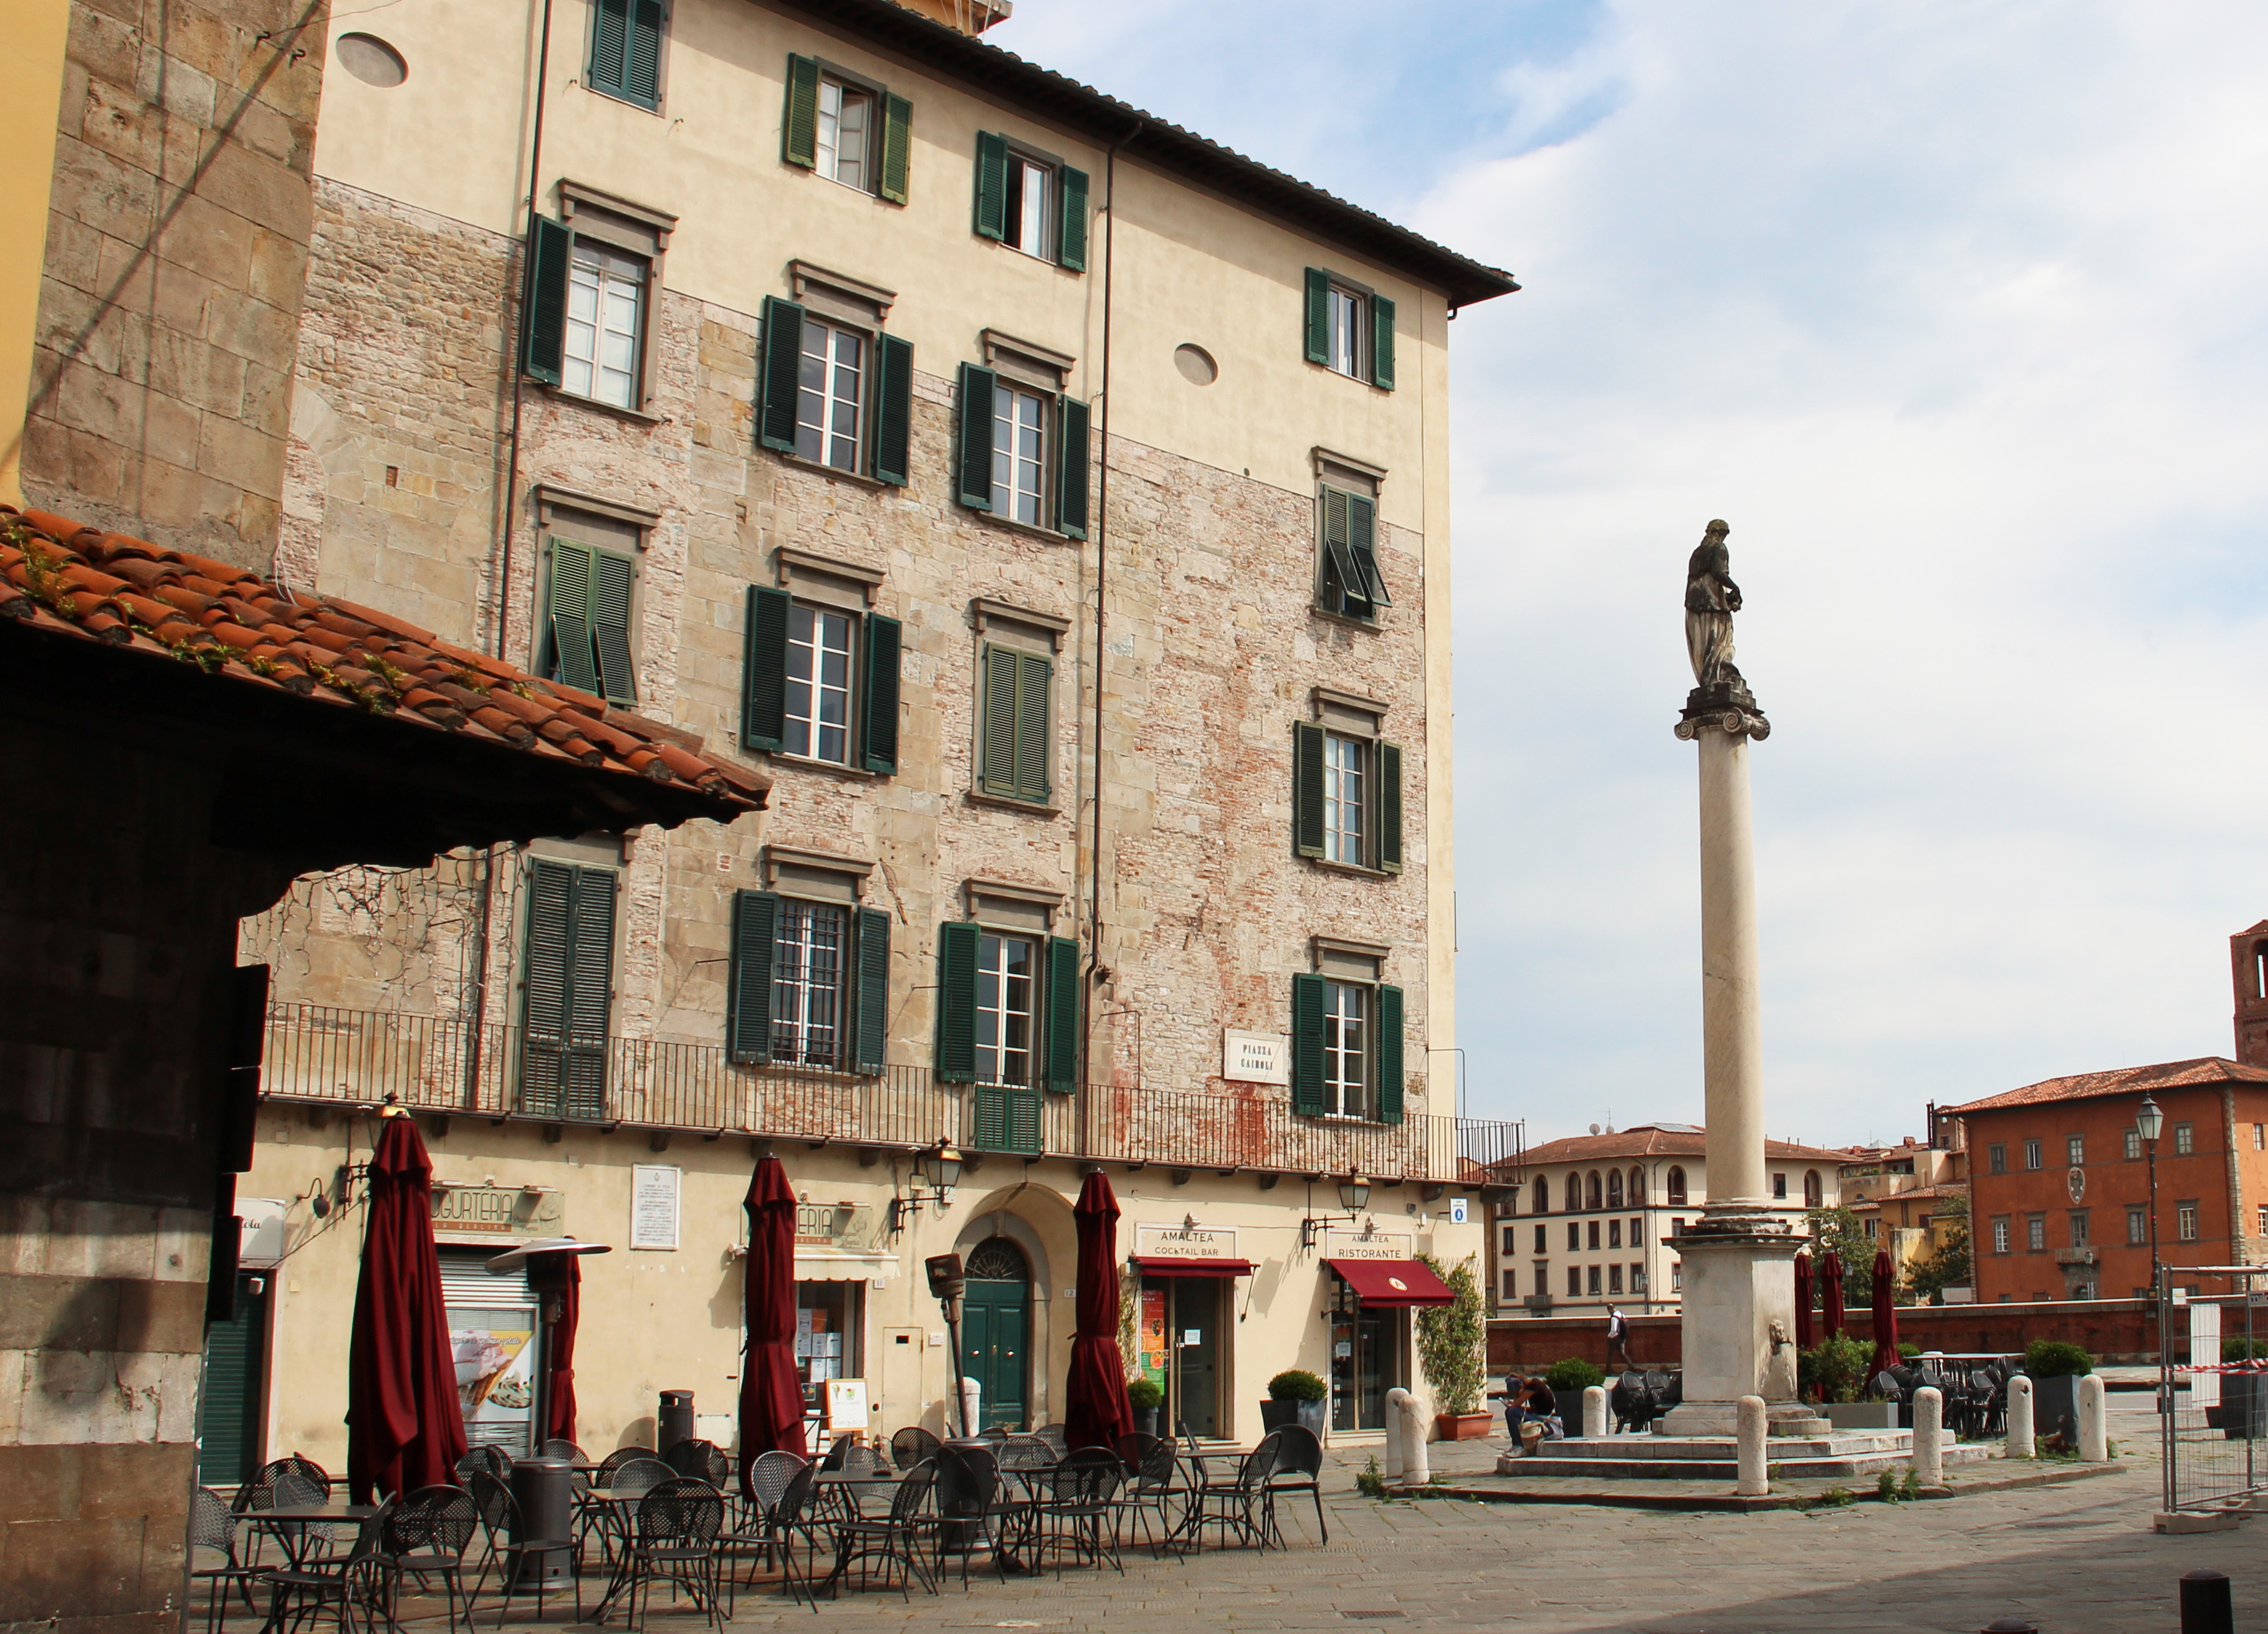 Scorcio - Piazza Cairoli, o della Berlina (G. Bettini, Comune di Pisa)